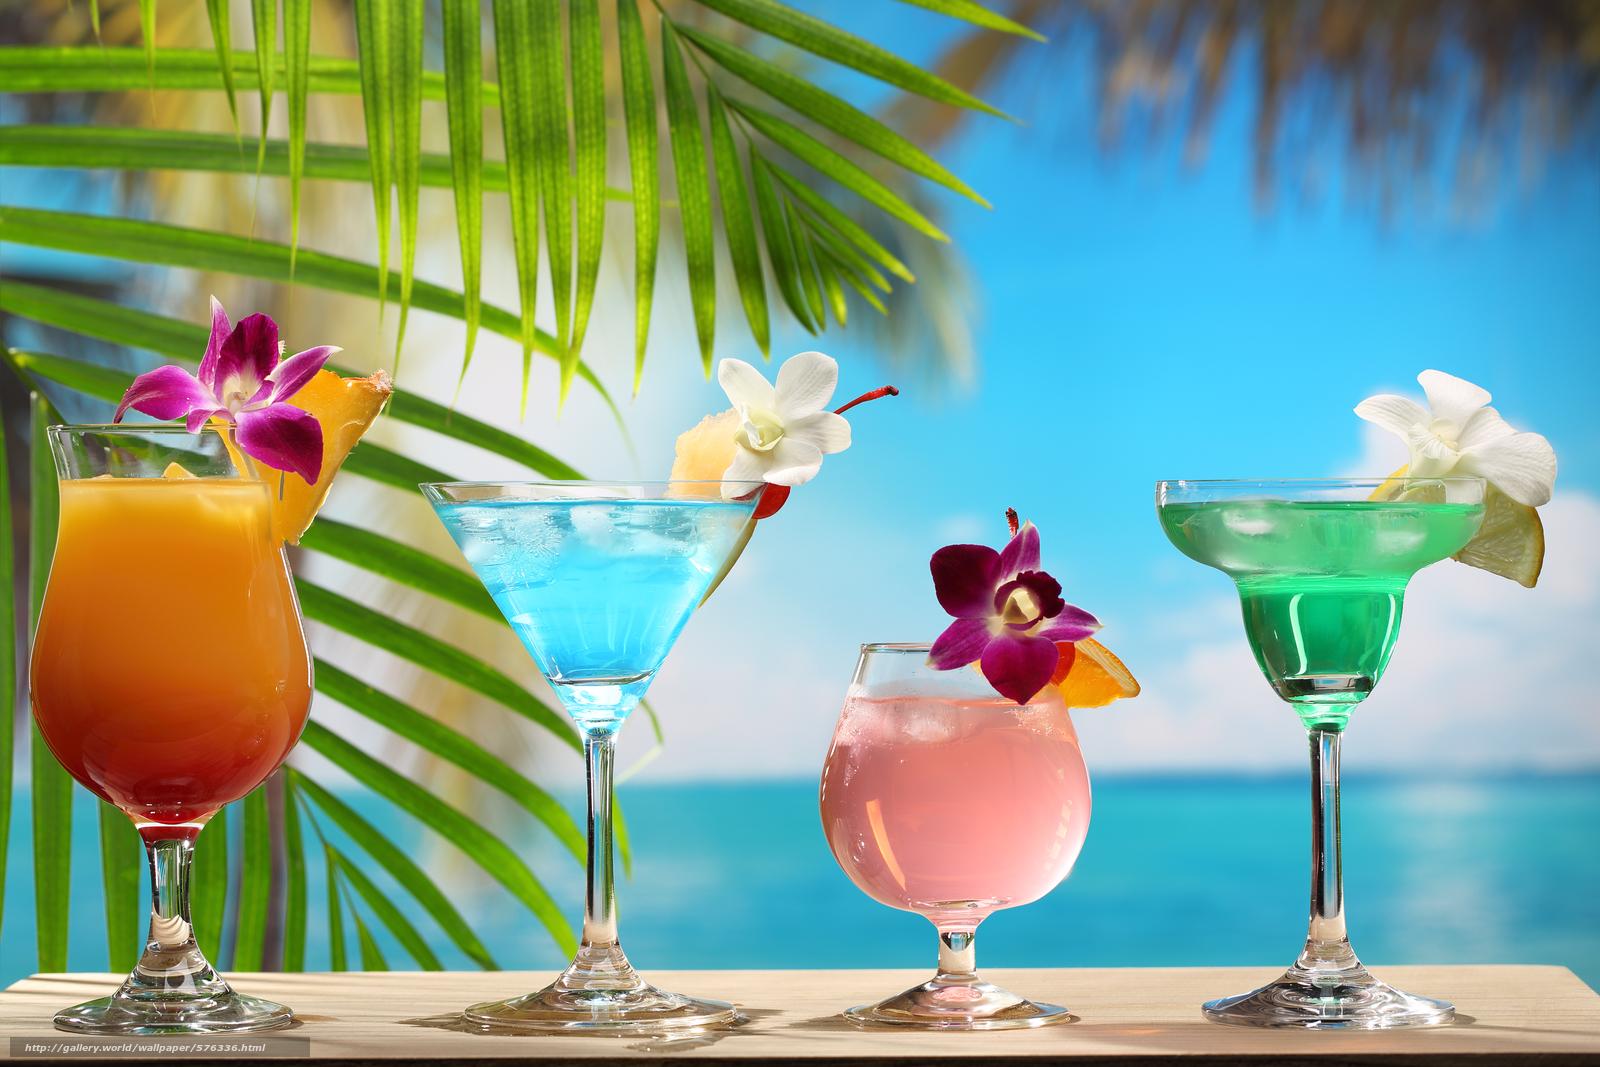 Tlcharger Fond d'ecran plage, feuilles de palmier, Cocktails, Fleurs Fonds d'ecran gratuits pour ...